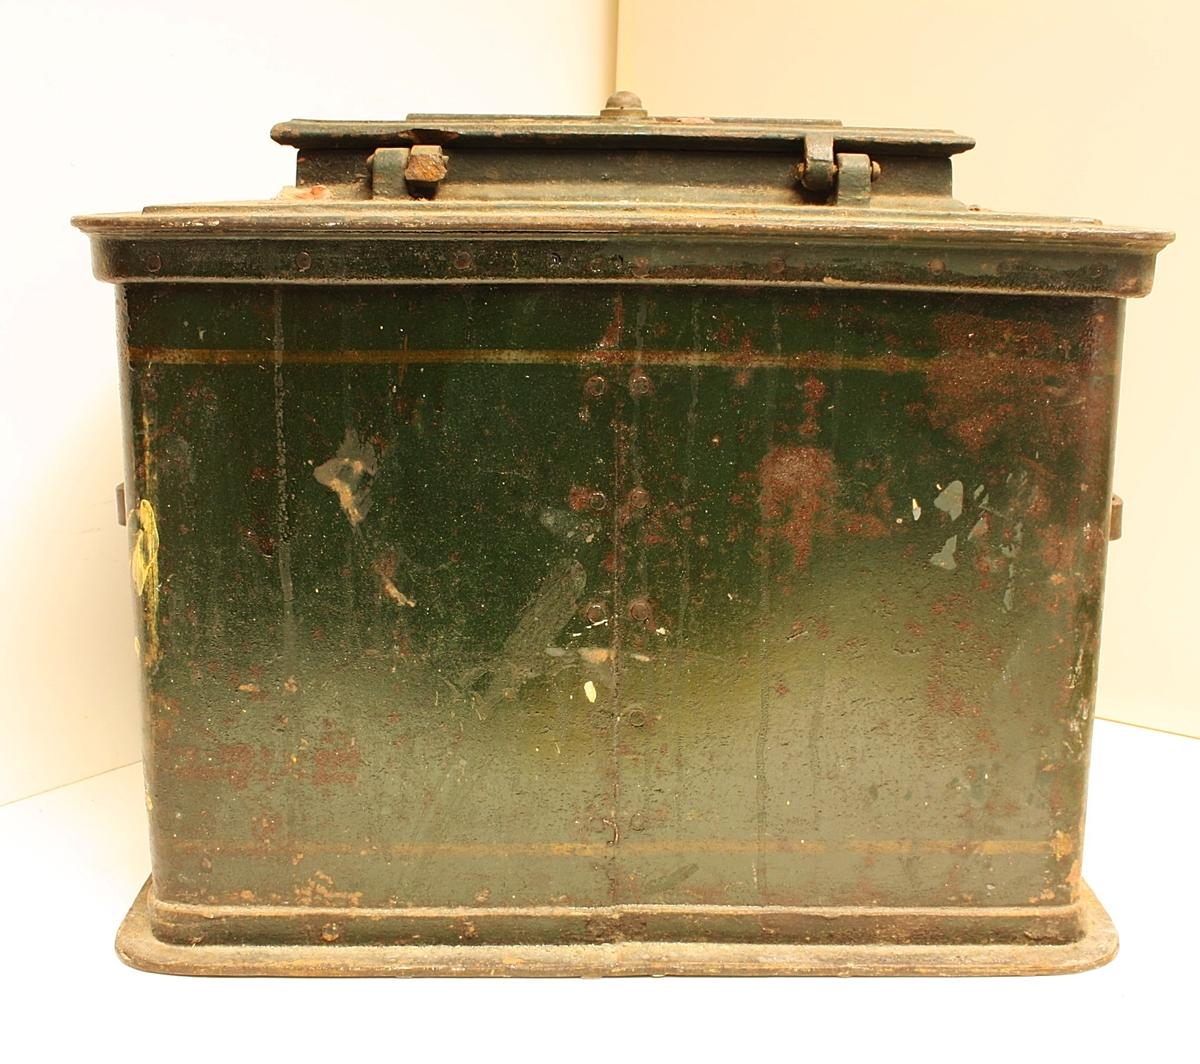 Stor, rektangulær boks med avrundede hjørner. Rester etter røde segl på toppen. Et rundt merke på forsiden.  Teknikk:  Knekt jernplate, sammennaglet på baksiden (naglesøm). Forsterket topp og bunn. Børehåndtak av flattjern.